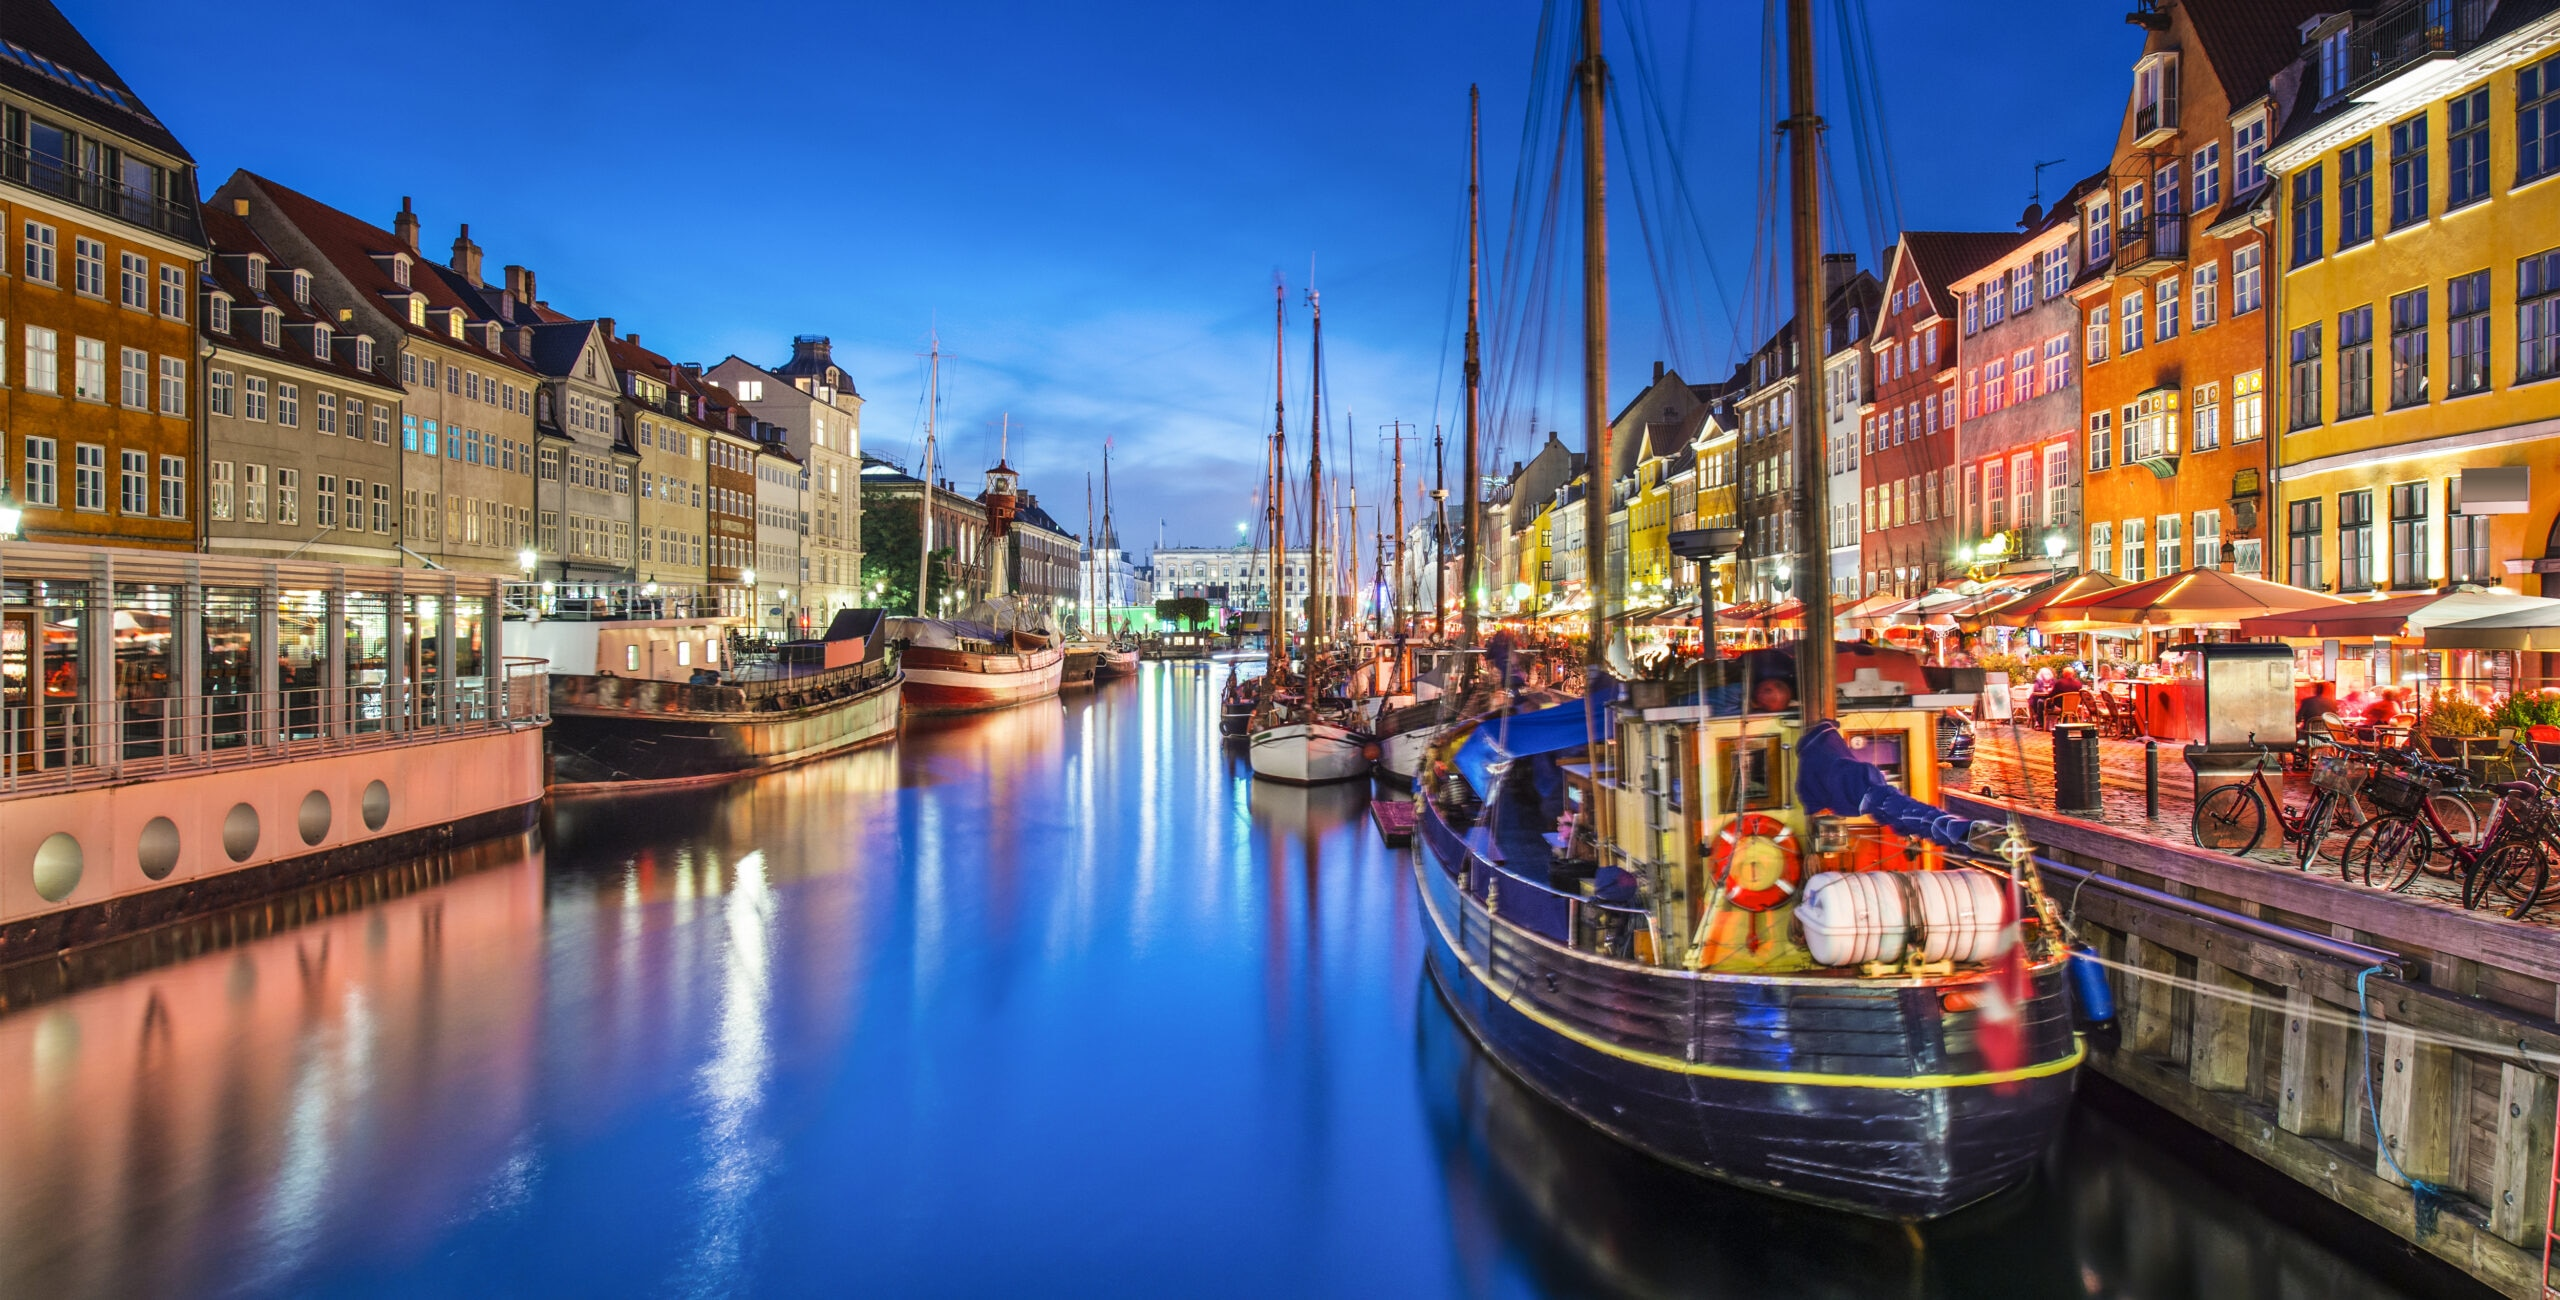 Copenhagen, Denmark on the Nyhavn Canal. [Shutterstock image]